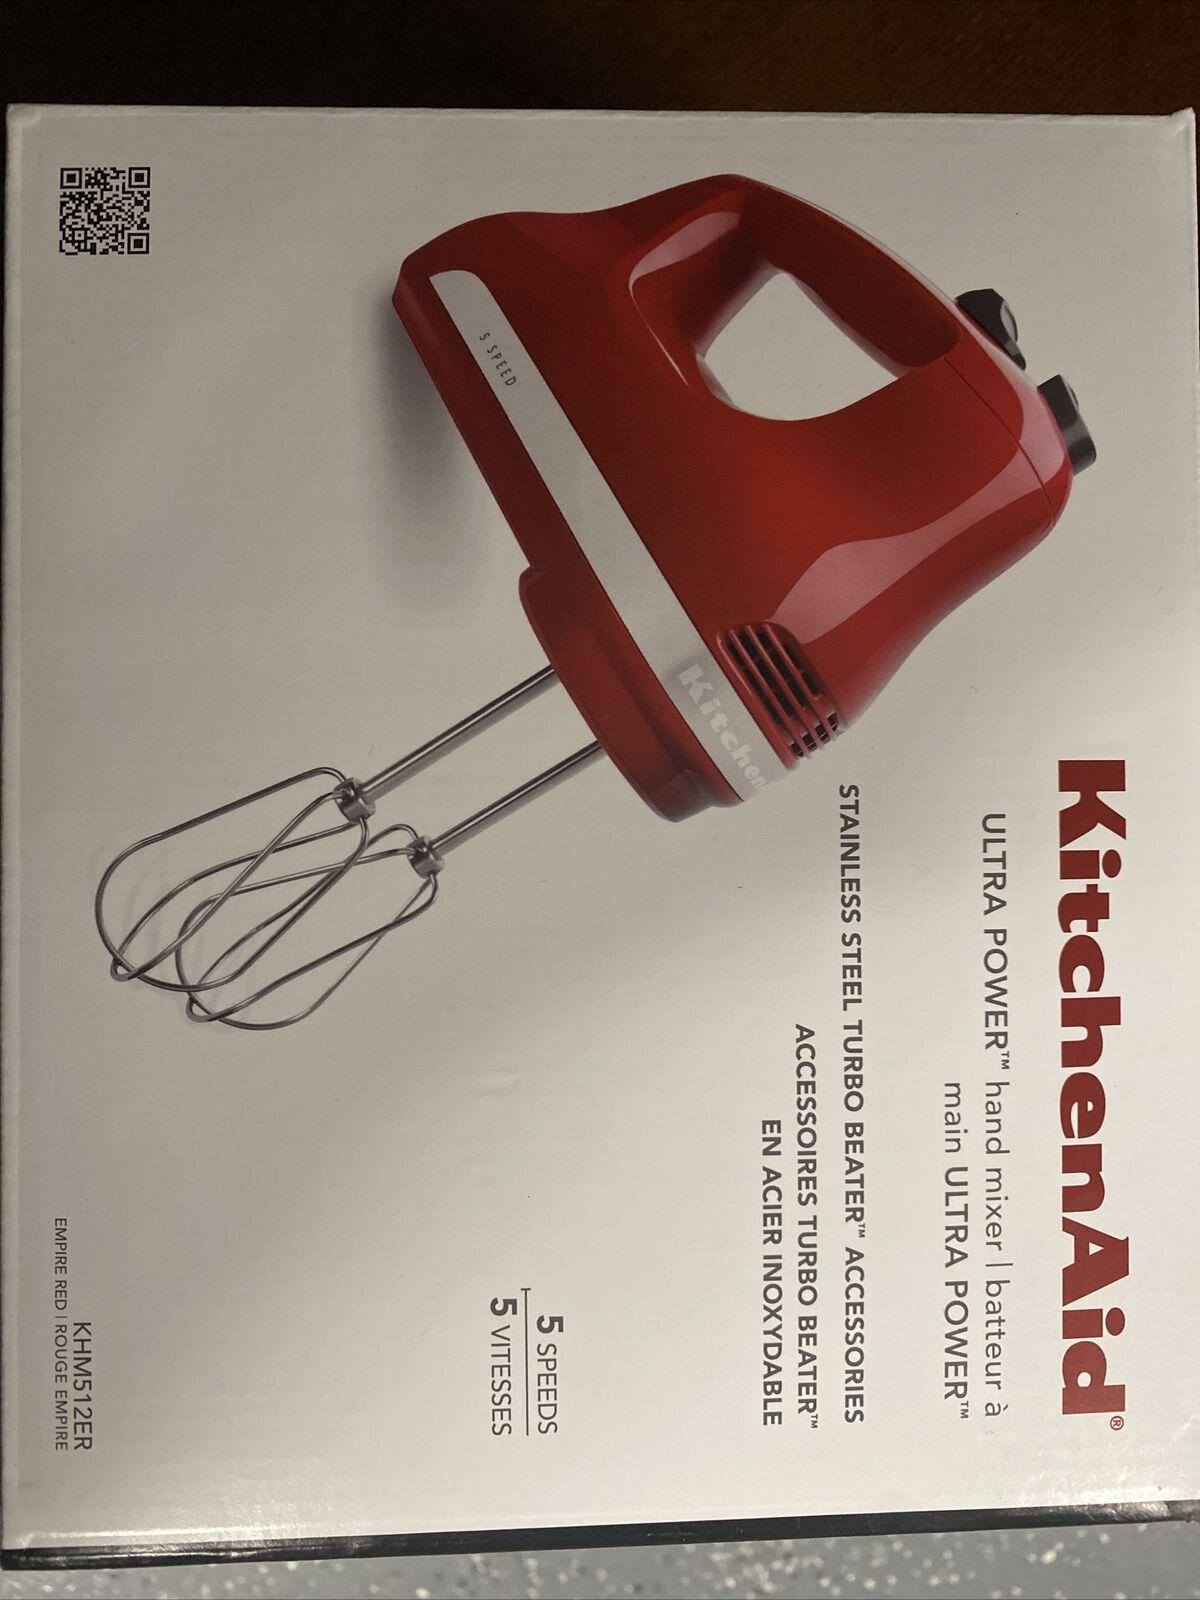 Renewed Empire Red KitchenAid RRKHM5ER 5-Speed Ultra Power Hand Mixer